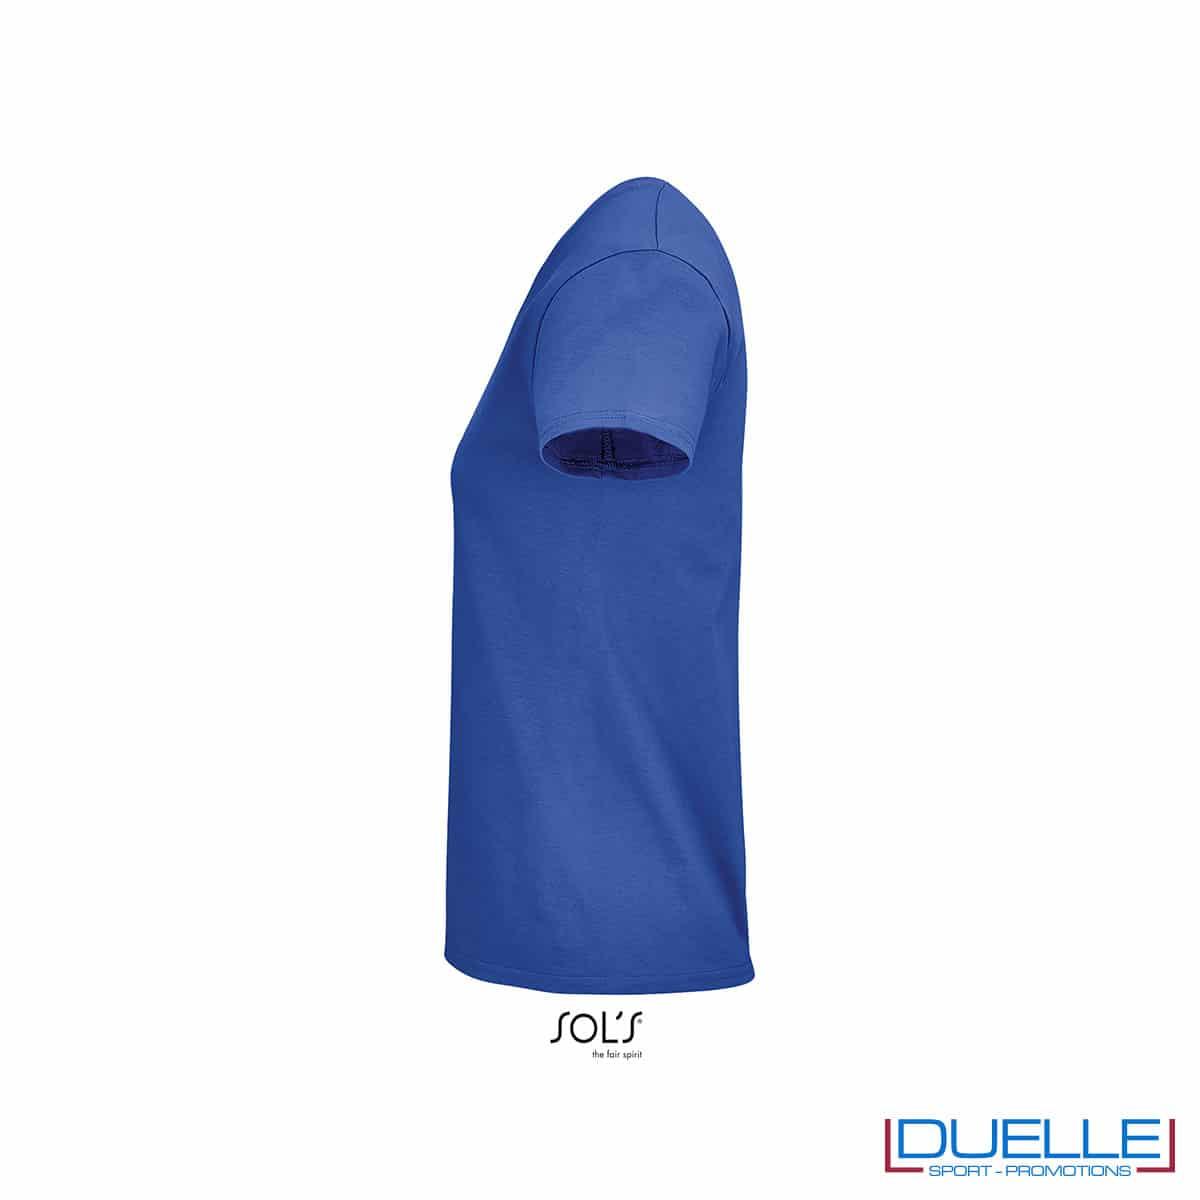 Lato maglietta blu royal femminile 100% cotone